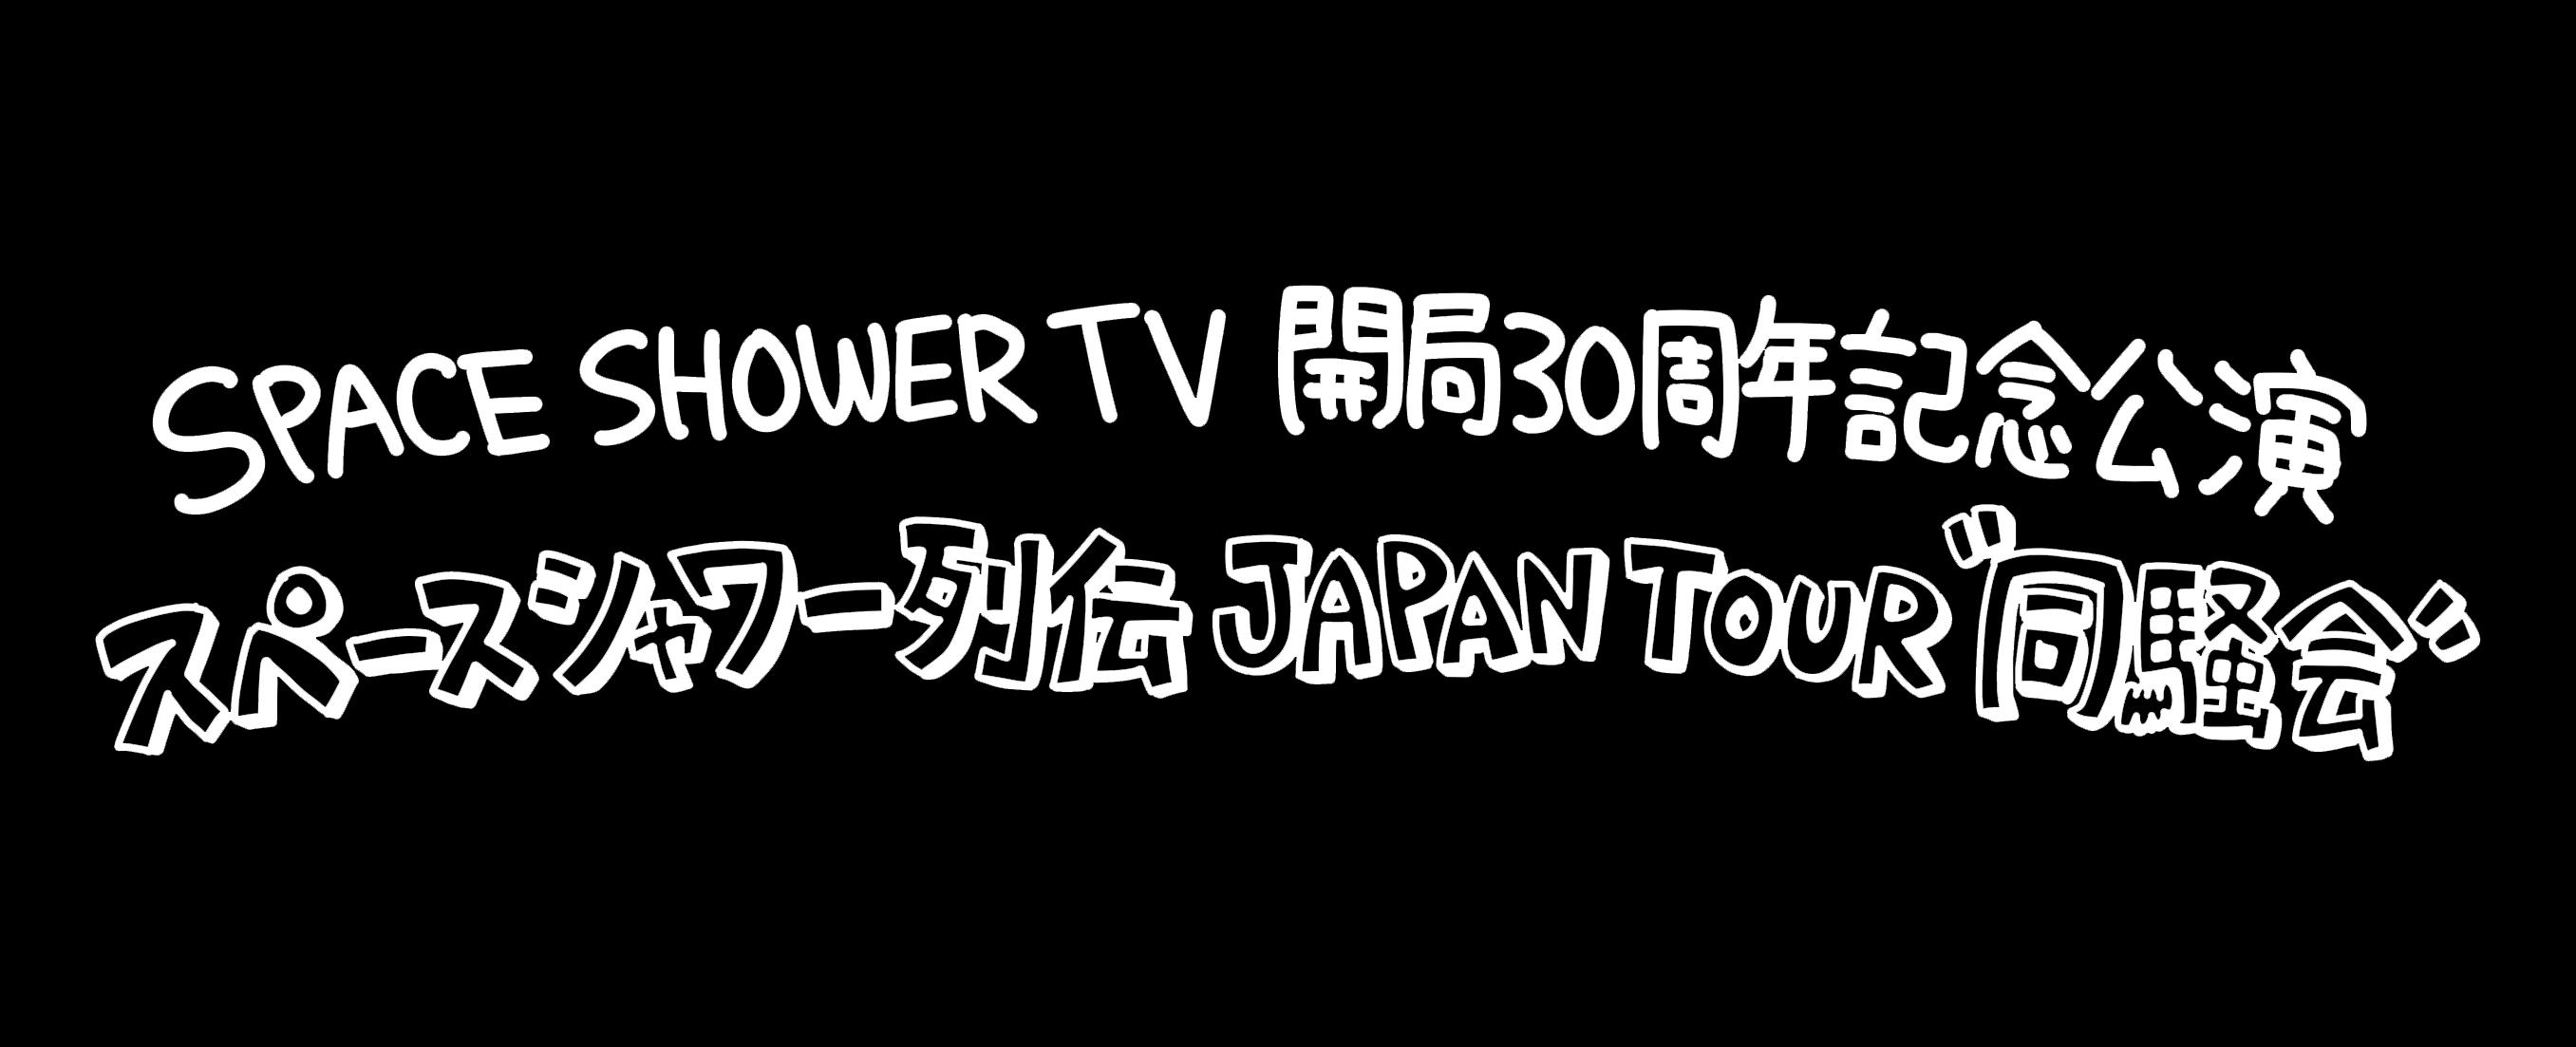 """東京 Zepp Divercity(Tokyo)<span class=""""live-title"""">SPACE SHOWER TV 開局30周年記念公演 スペースシャワー列伝 JAPAN TOUR """"同騒会""""</span>"""